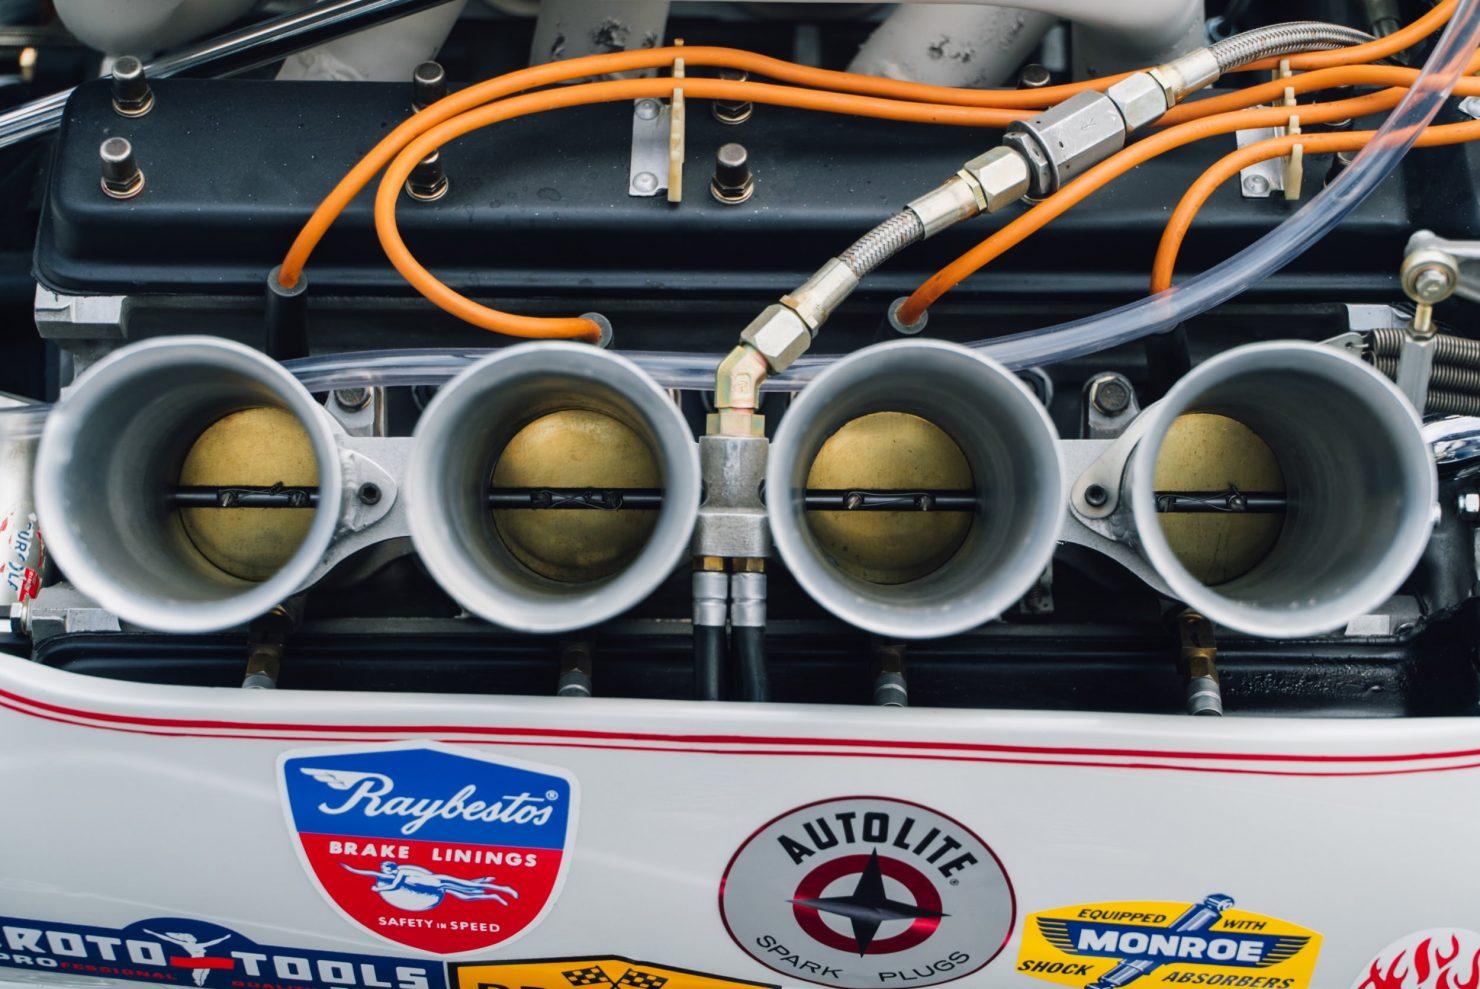 lotus type 34 indy 500 car 29 1480x989 - 1964 Lotus Type 34